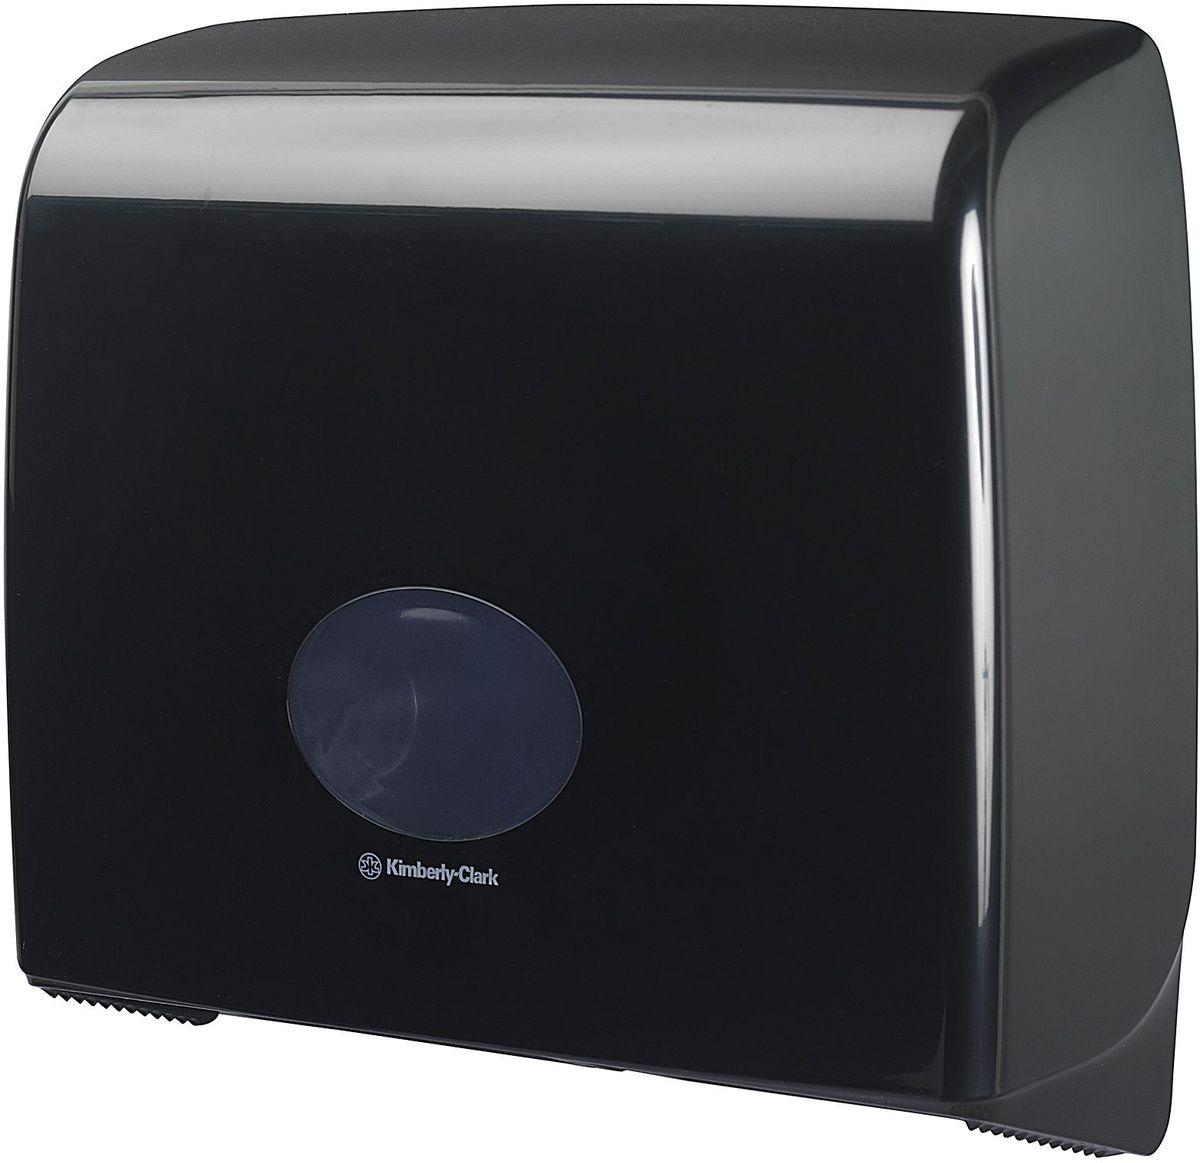 Диспенсер для туалетной бумаги Aquarius Jumbo, большой рулон, цвет: черный. 71847184Ассортимент диспенсеров для рулонной туалетной бумаги, которые выполнены в одном стиле с диспенсерами для мыла и для полотенец для рук. Диспенсеры мотивируют сотрудников соблюдать гигиенические нормы, повышают уровень комфорта, демонстрируют заботу о персонале и помогают сократить расходы. Идеальное решение, обеспечивающее подачу рулонной туалетной бумаги из элегантного диспенсера в туалетных комнатах с высокой проходимостью, легкая загрузка, практичное, гигиеничное и экономичное решение.Формат поставки: диспенсер современного дизайна, обтекаемой формы, обеспечивающий быструю заправку; черное глянцевое, легко очищаемое покрытие; отсутствие мест скопления пыли и грязи; смотровое окно для контроля за расходными материалами; возможность выбора цветовых вставок в соответствие с интерьером конкретных туалетных комнат. Замена диспенсера 6987. Совместим с туалетной бумагой: 8440, 8442, 8446, 8449, 8474, 8484, 8517, 8519, 8559.